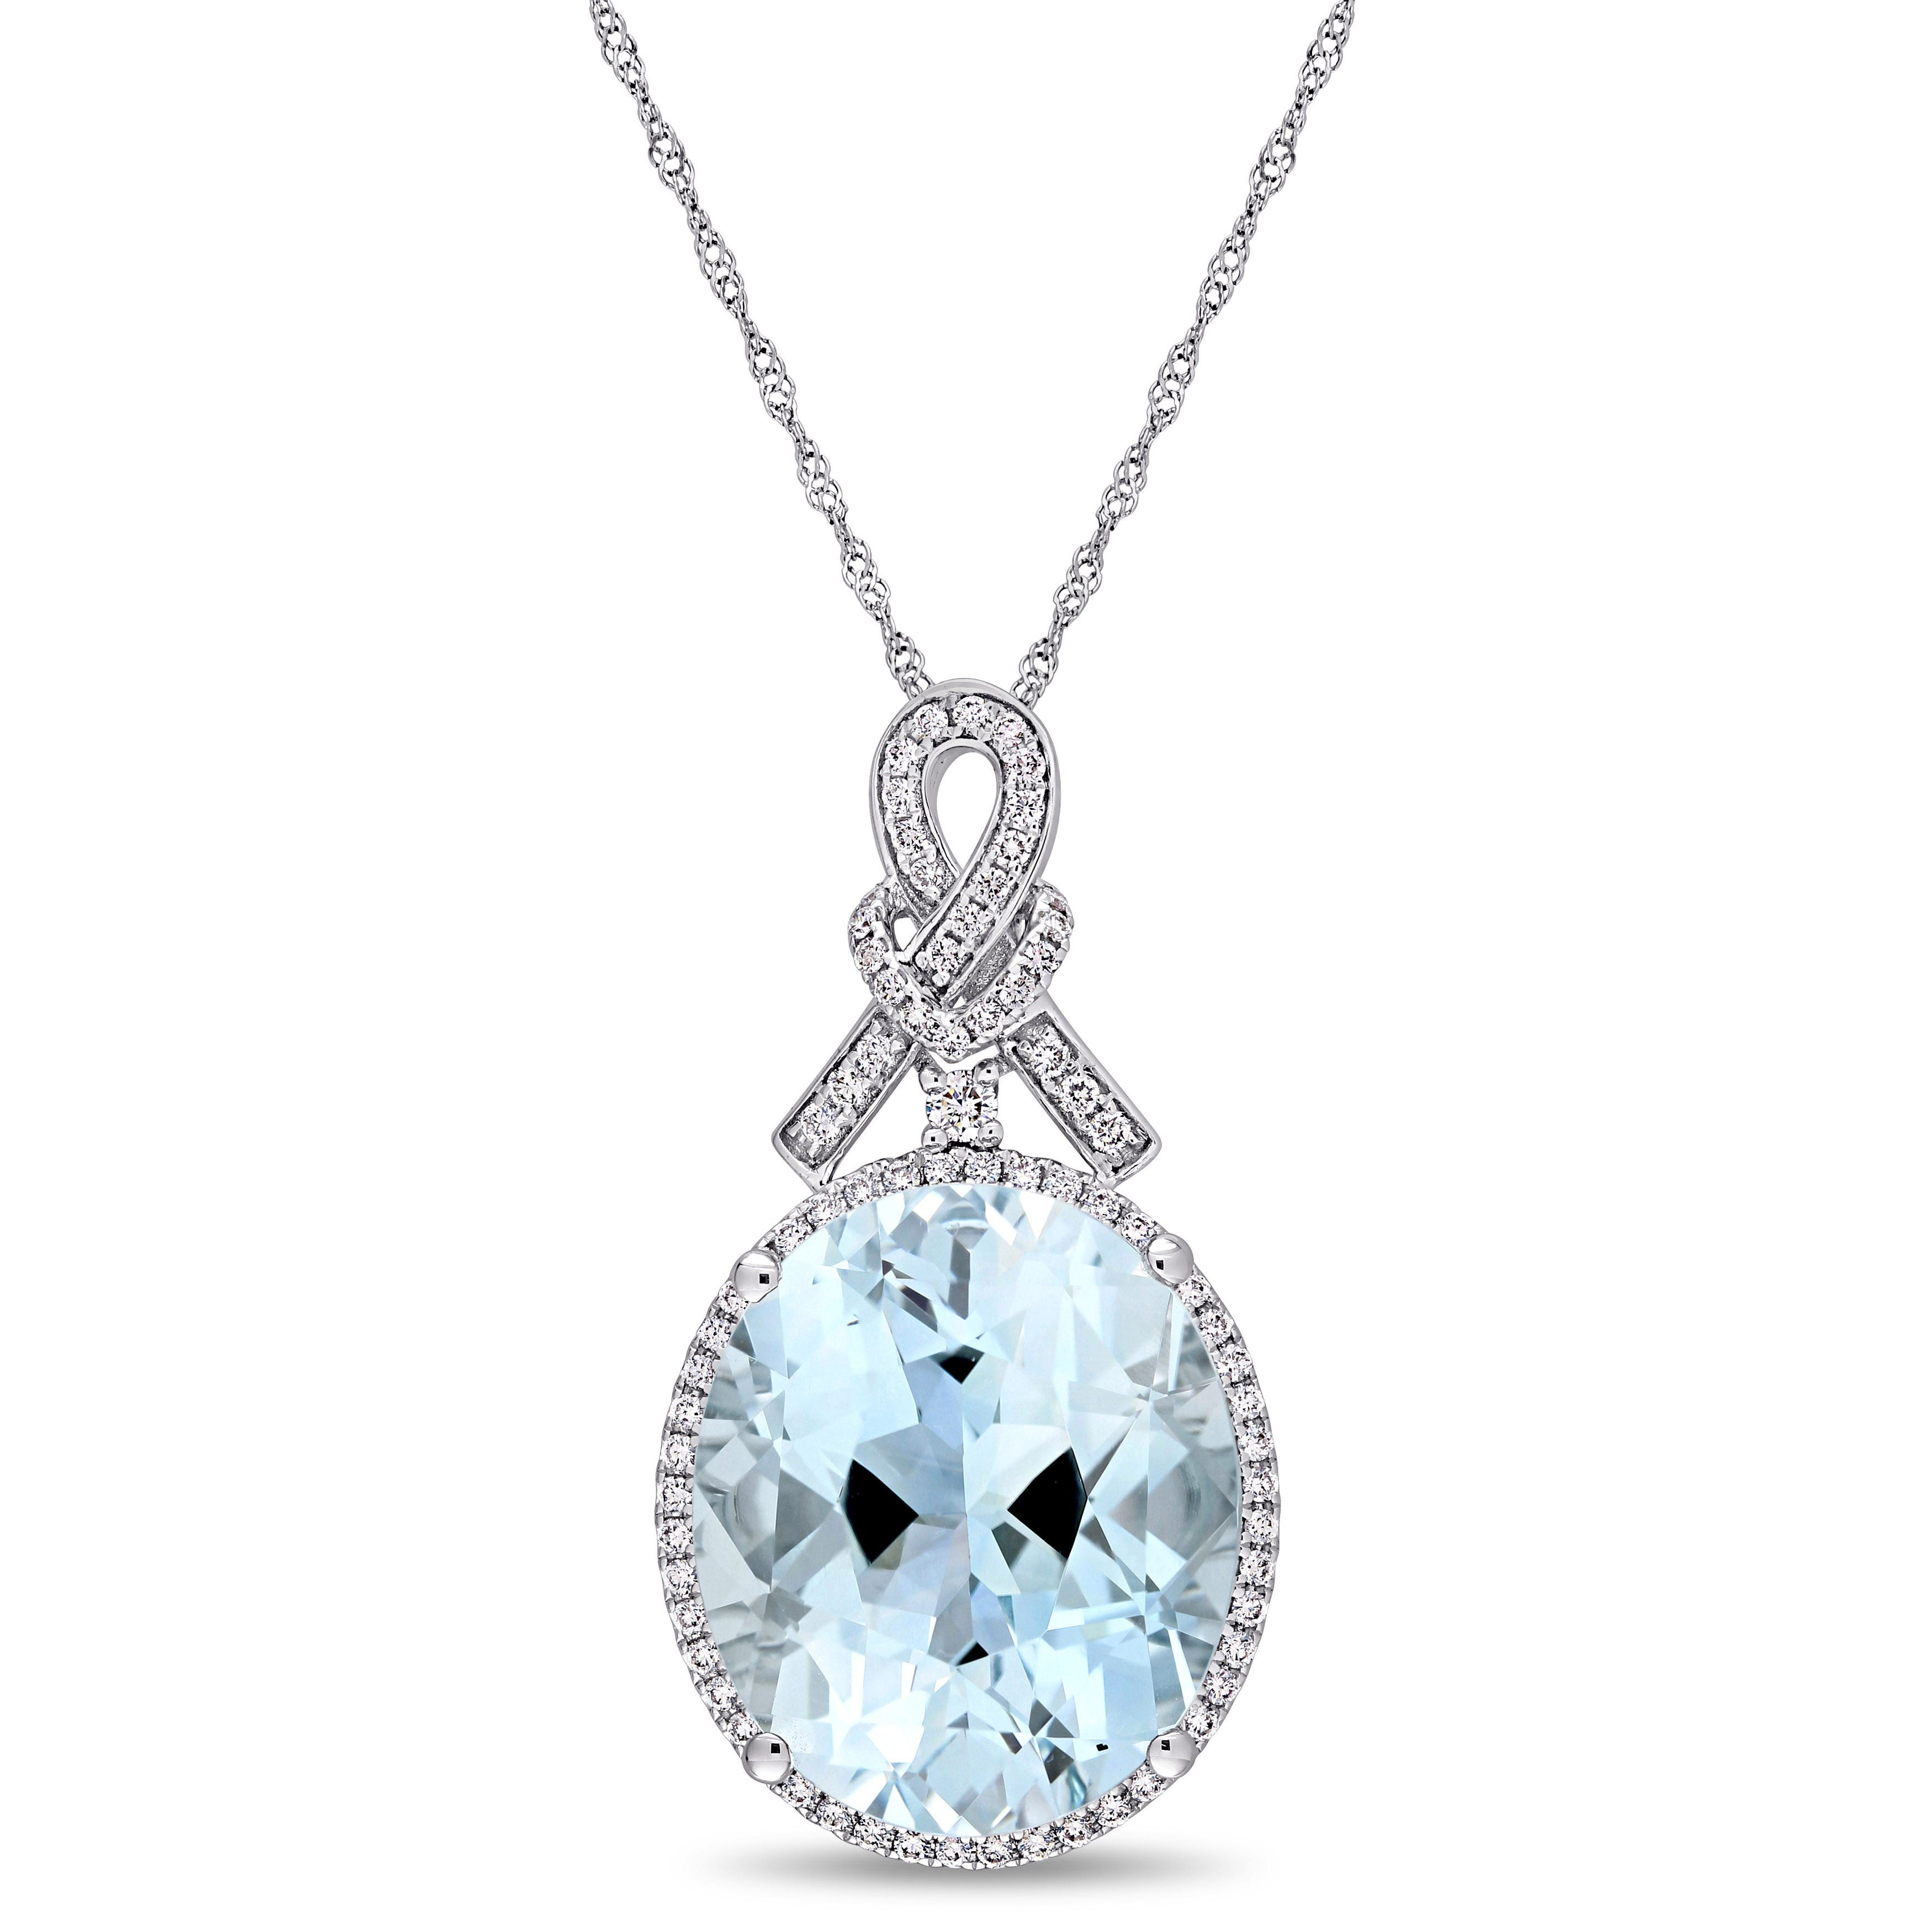 Oval Sky Blue Topaz & 1ctw. Diamond Halo Pendant in 14k White Gold